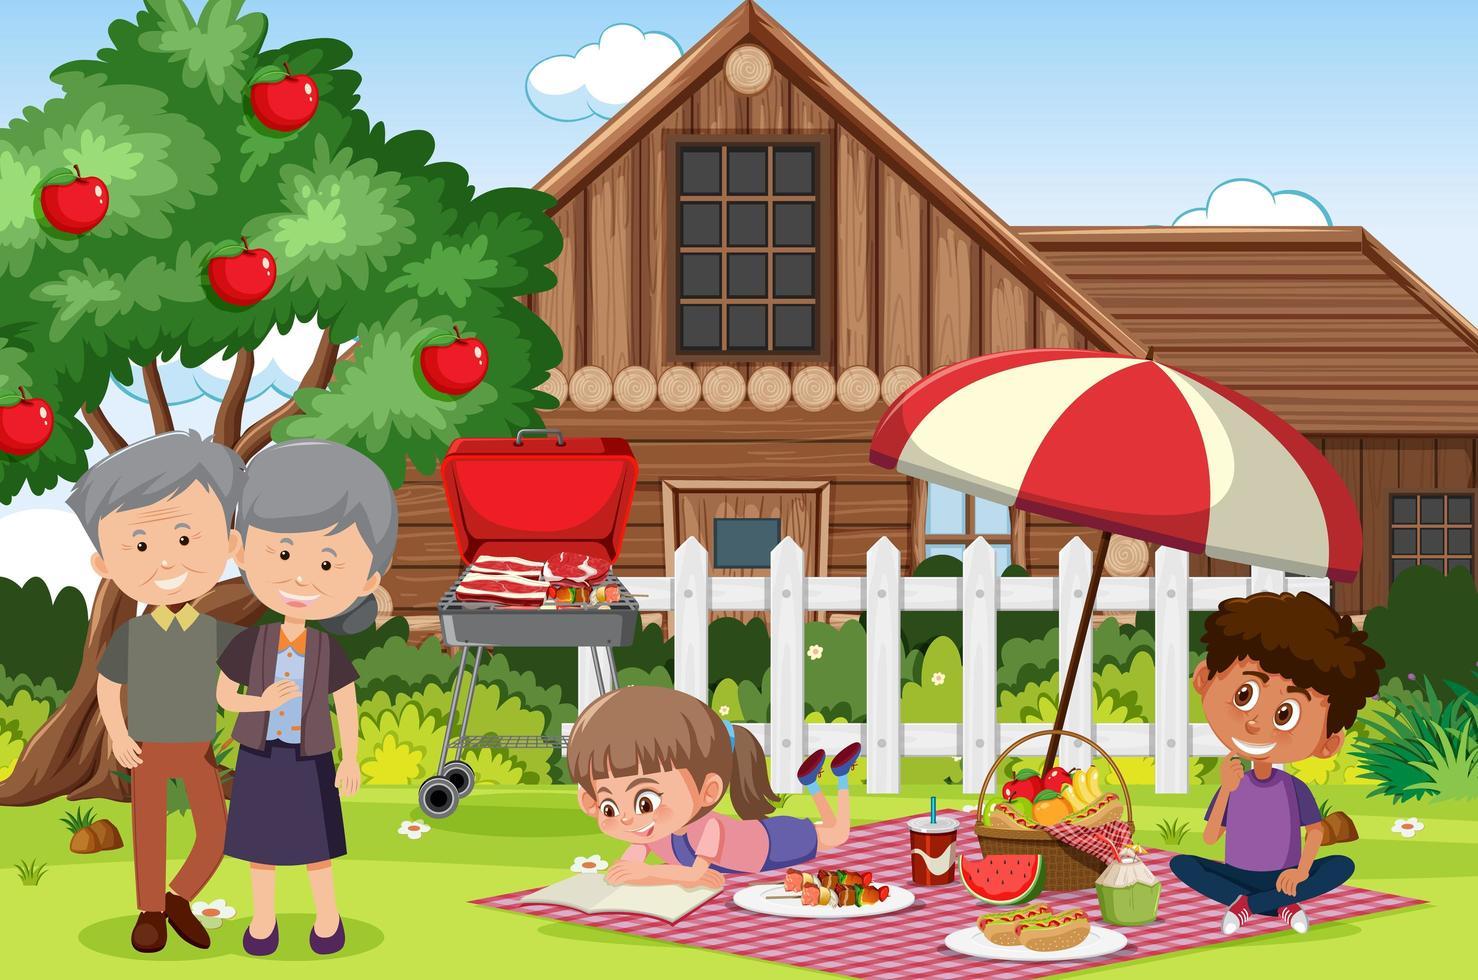 Picknickszene mit glücklicher Familie im Hof vektor